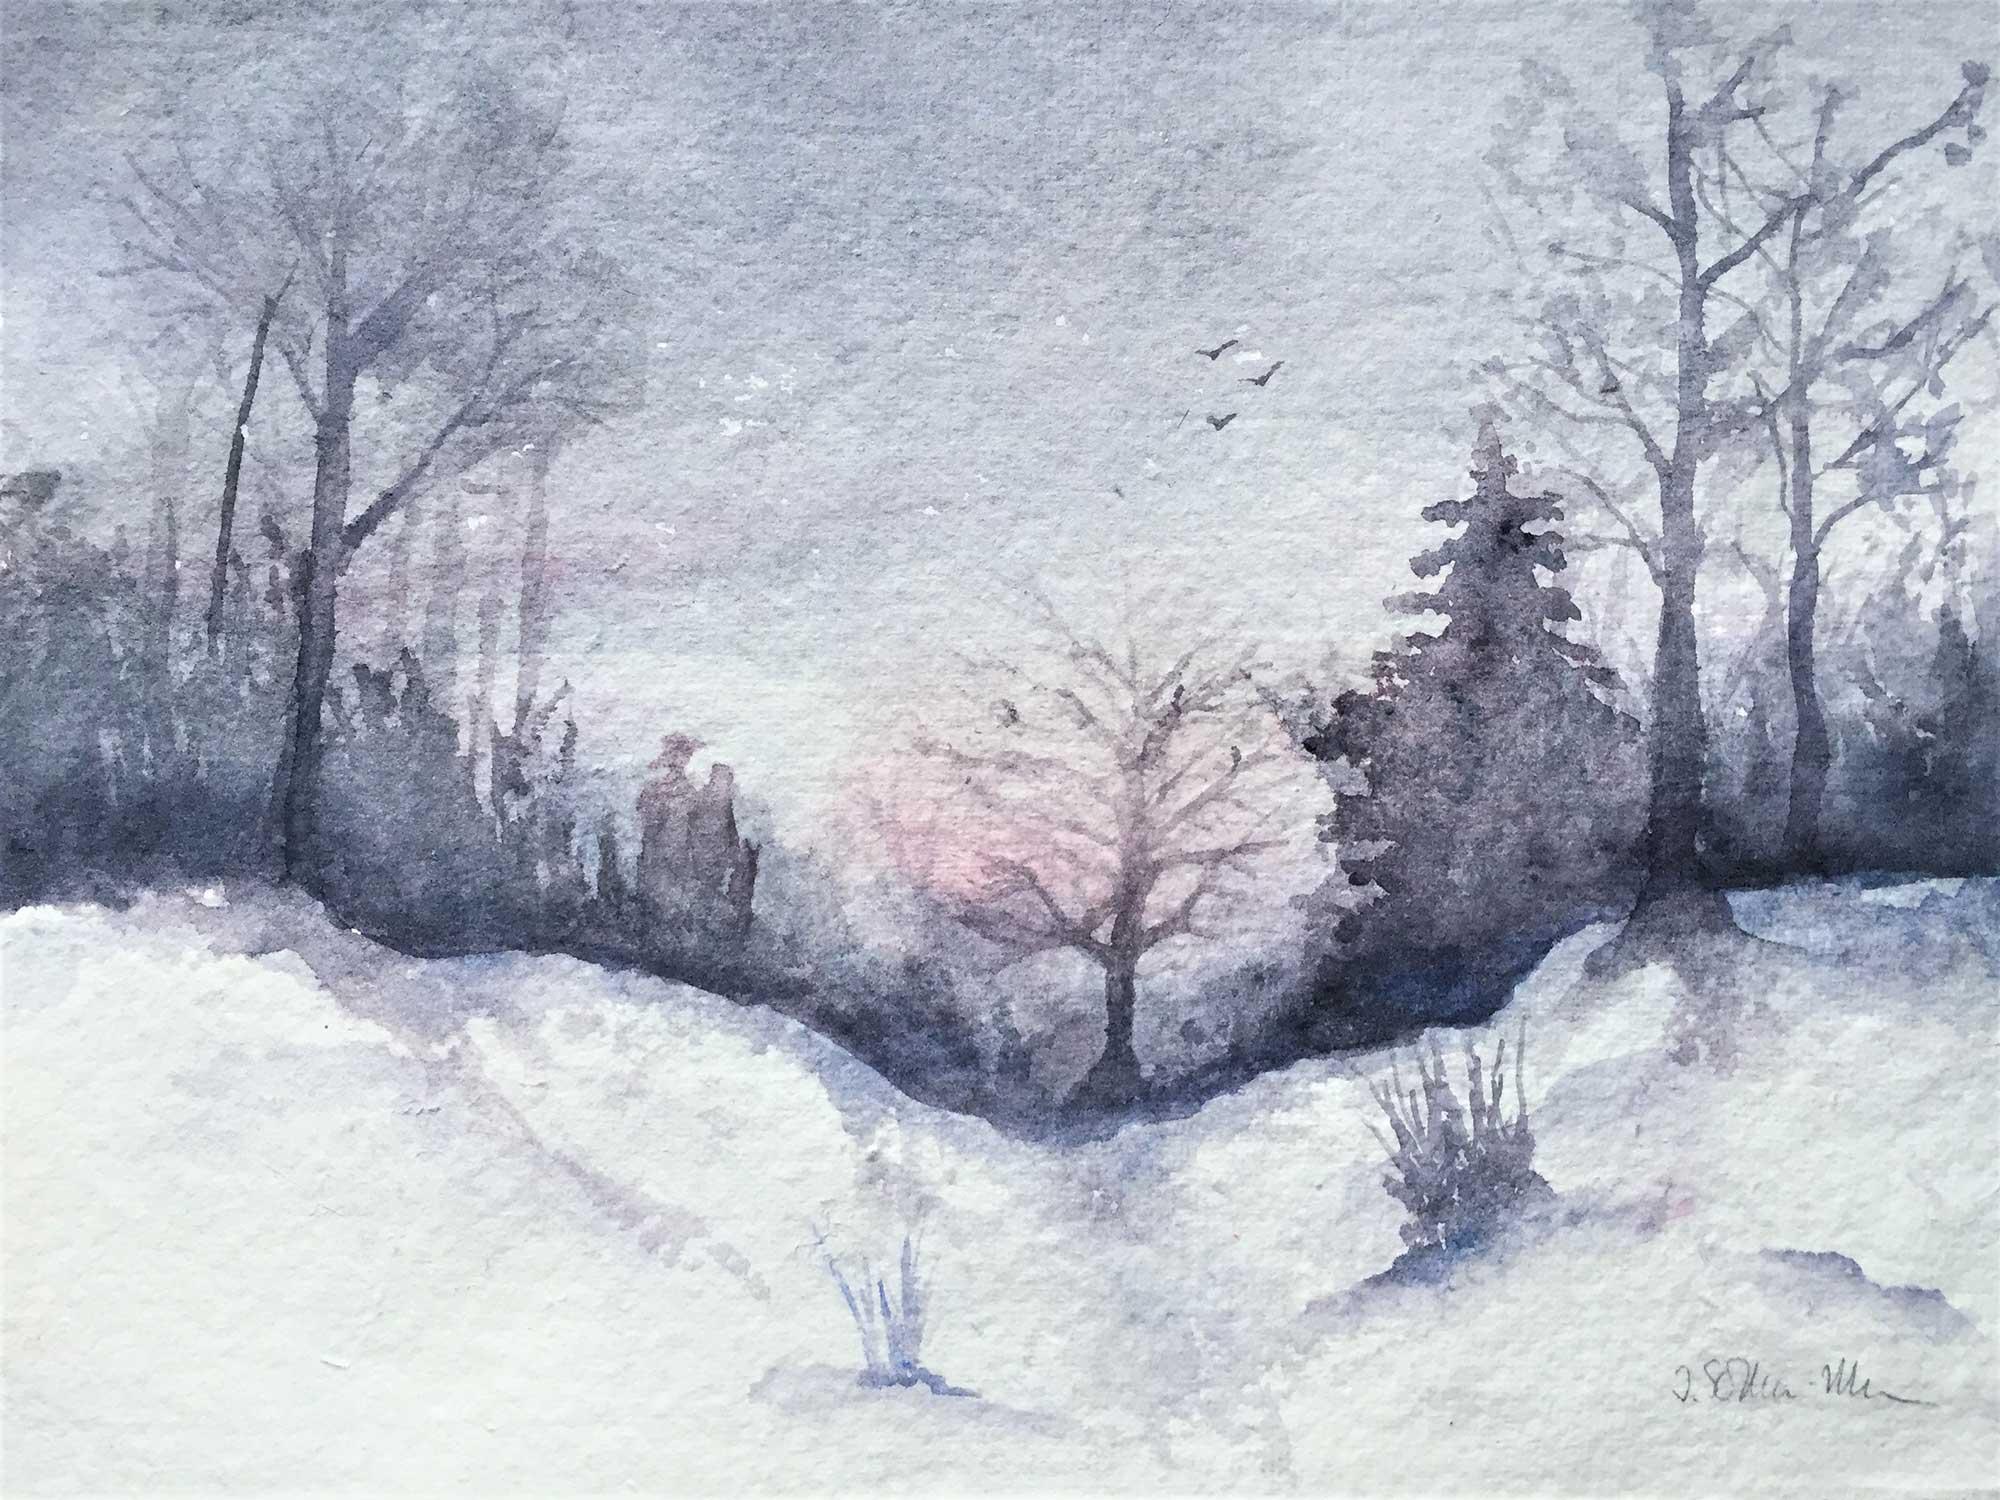 Winterabend in der Wankumer Heide, Aquarell